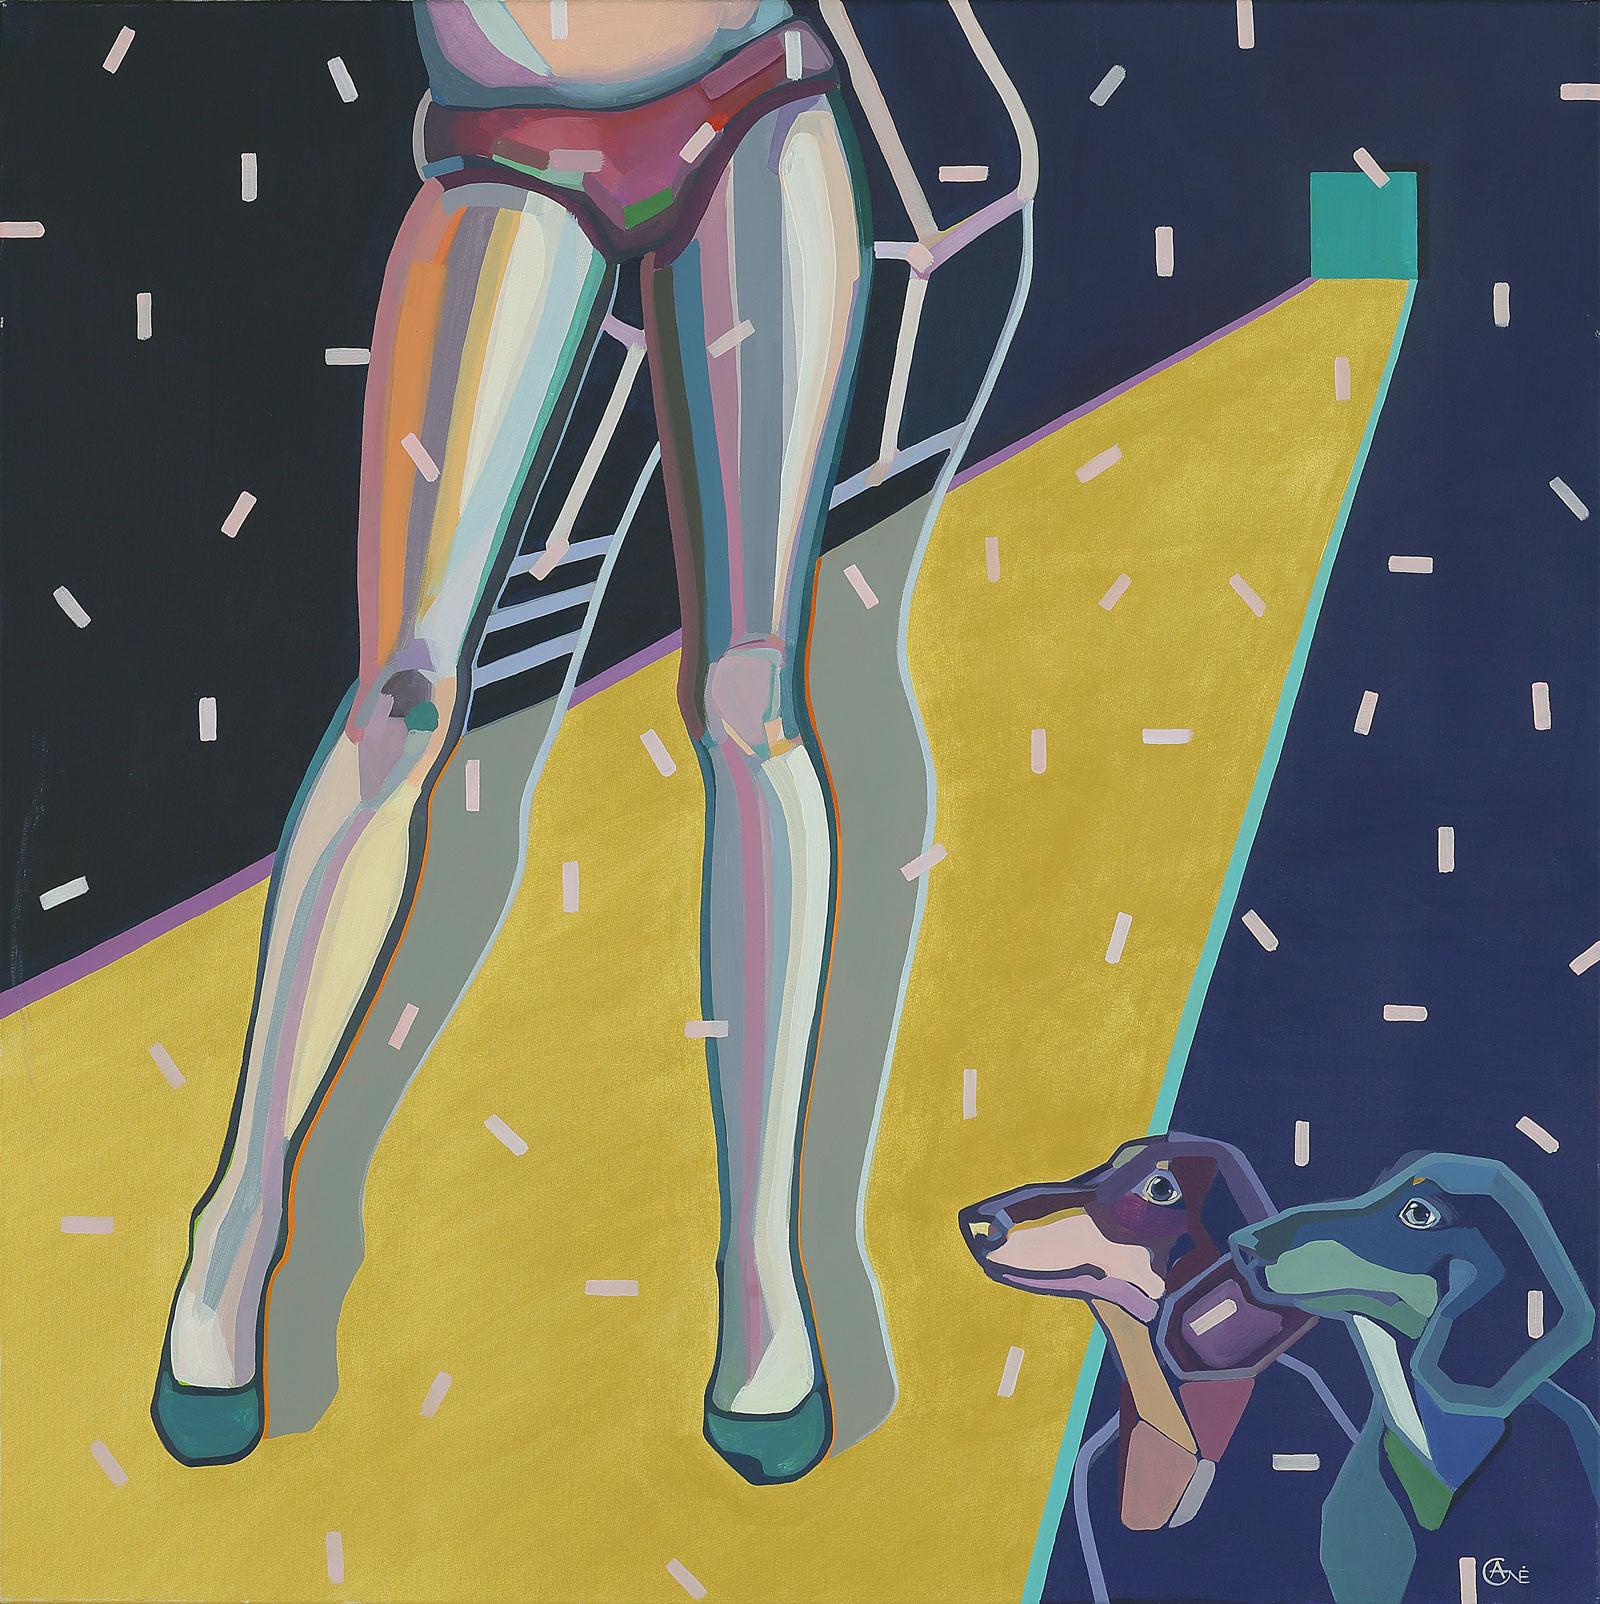 Modern acrylic painting 'Catwalk'. Artist Agne Kisonaite